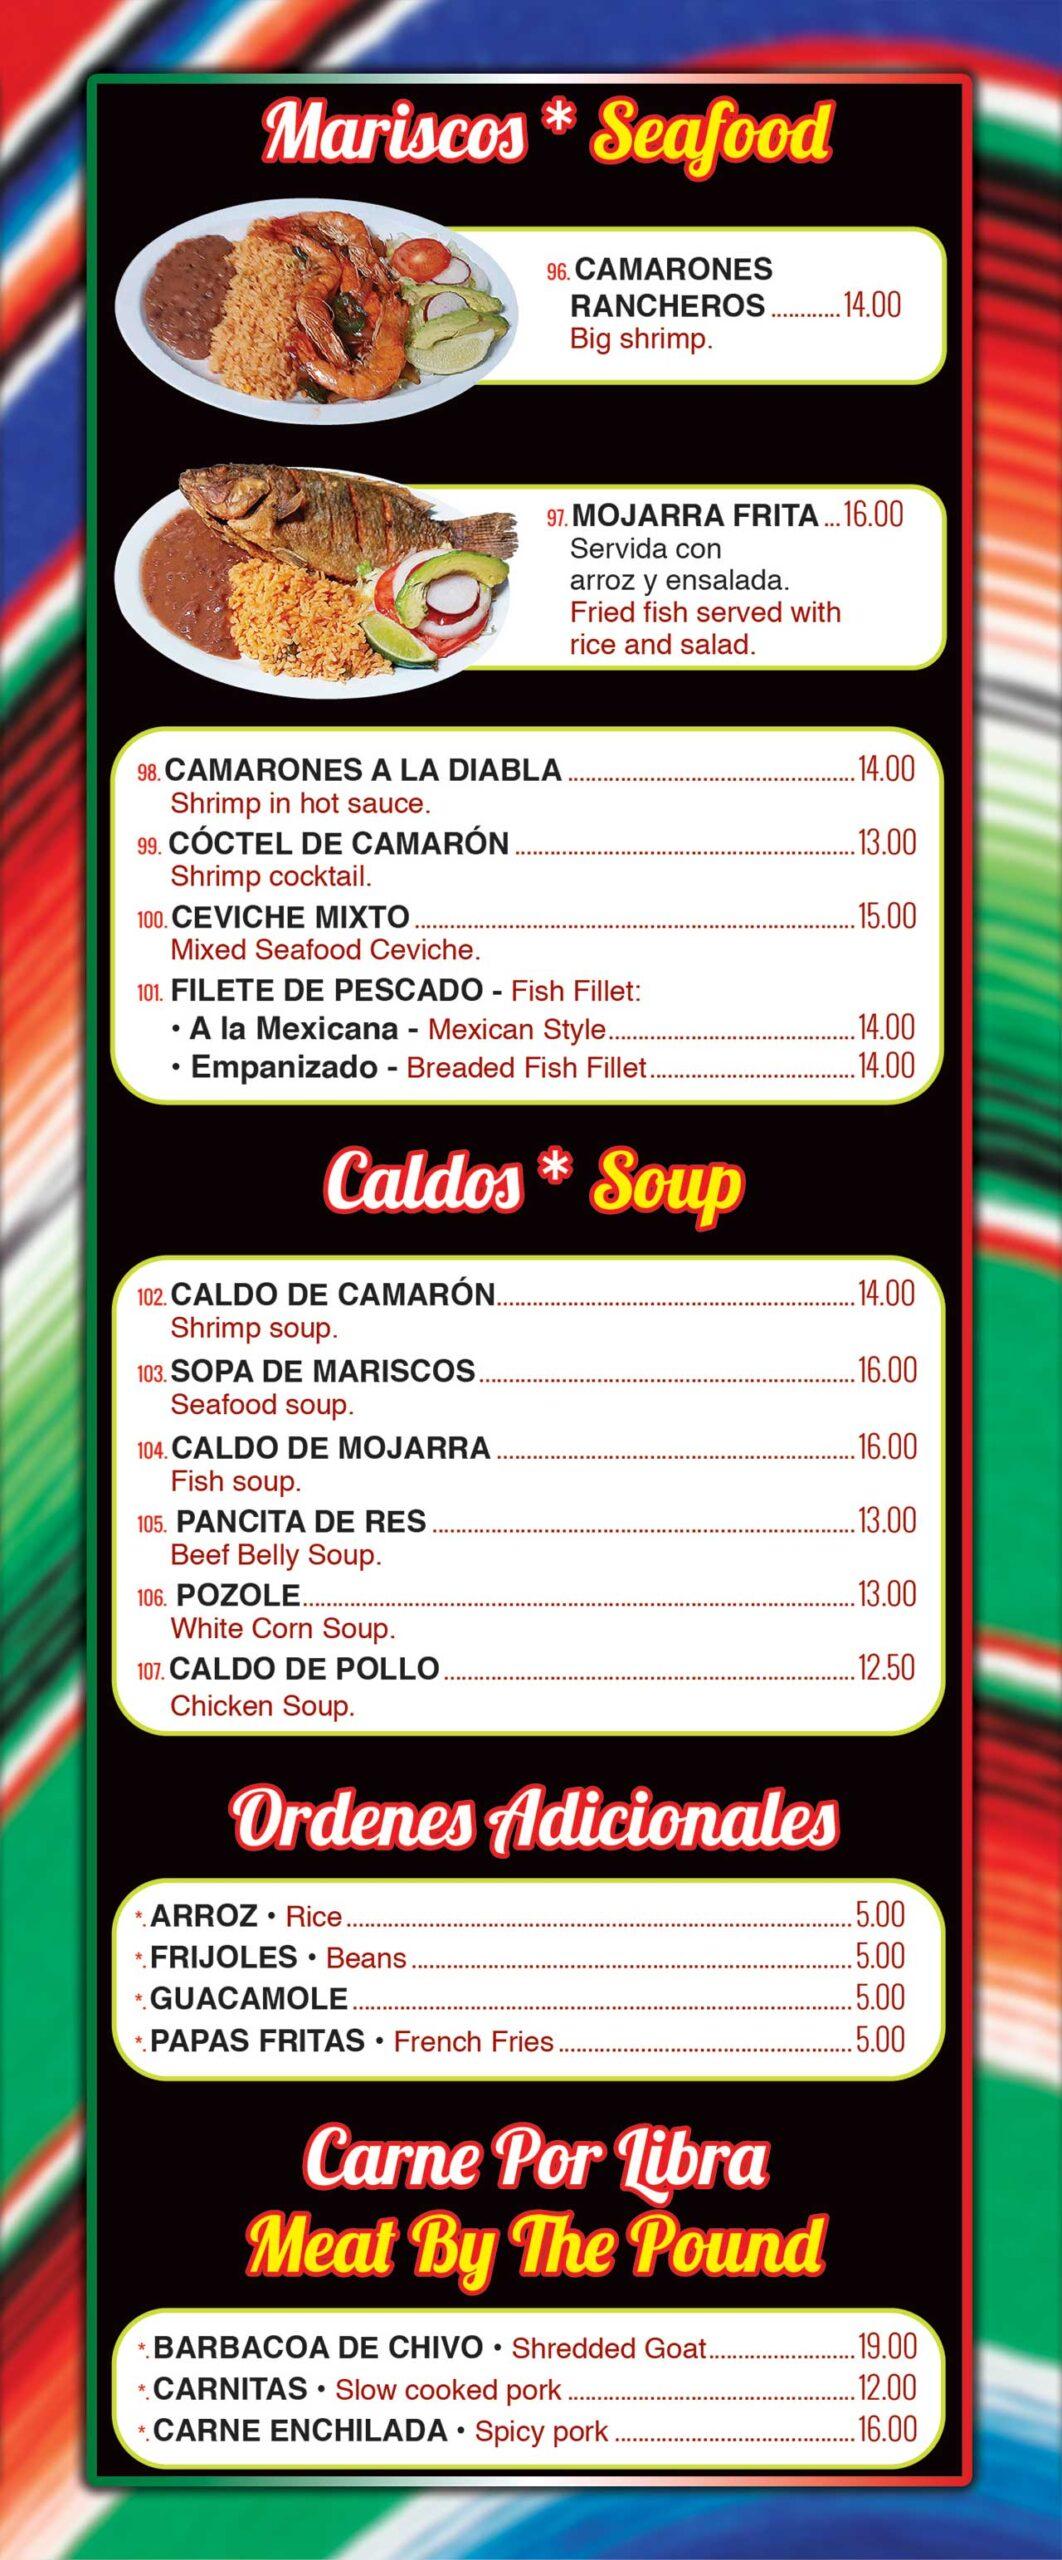 Taqueria-El-Oaxaqueno-Menu-Page-7